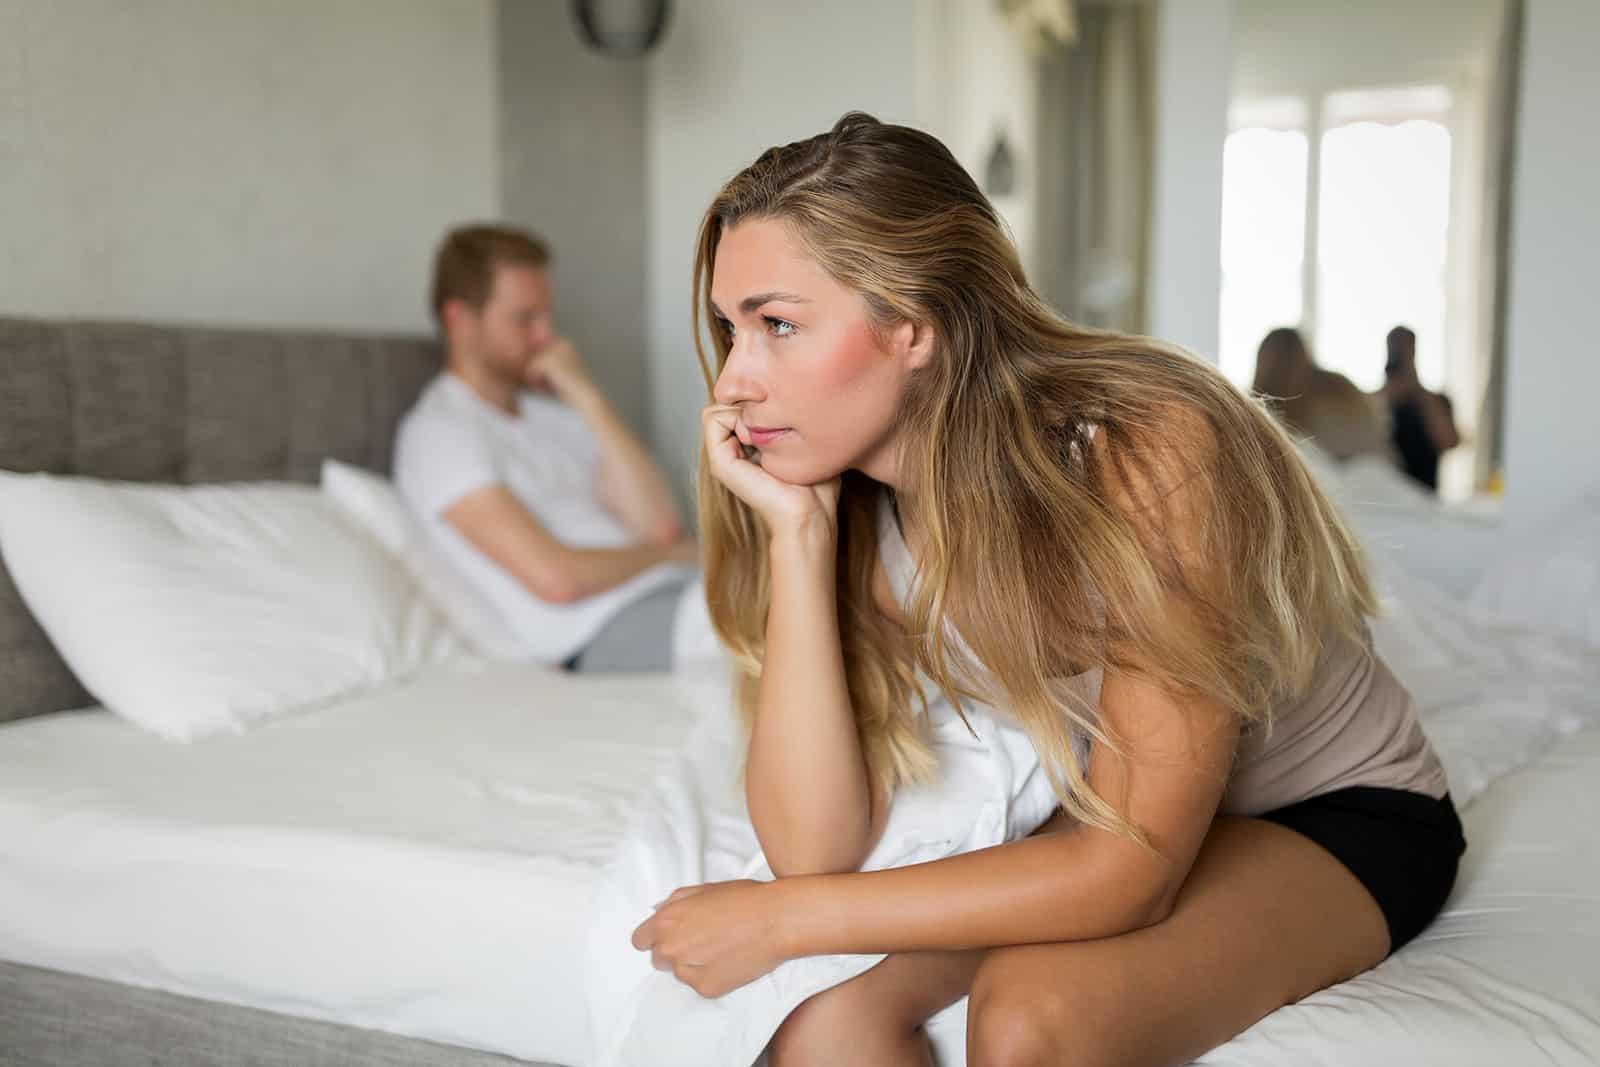 eine nachdenkliche Frau, die auf der Bettkante sitzt, während ein Mann hinter ihr liegt